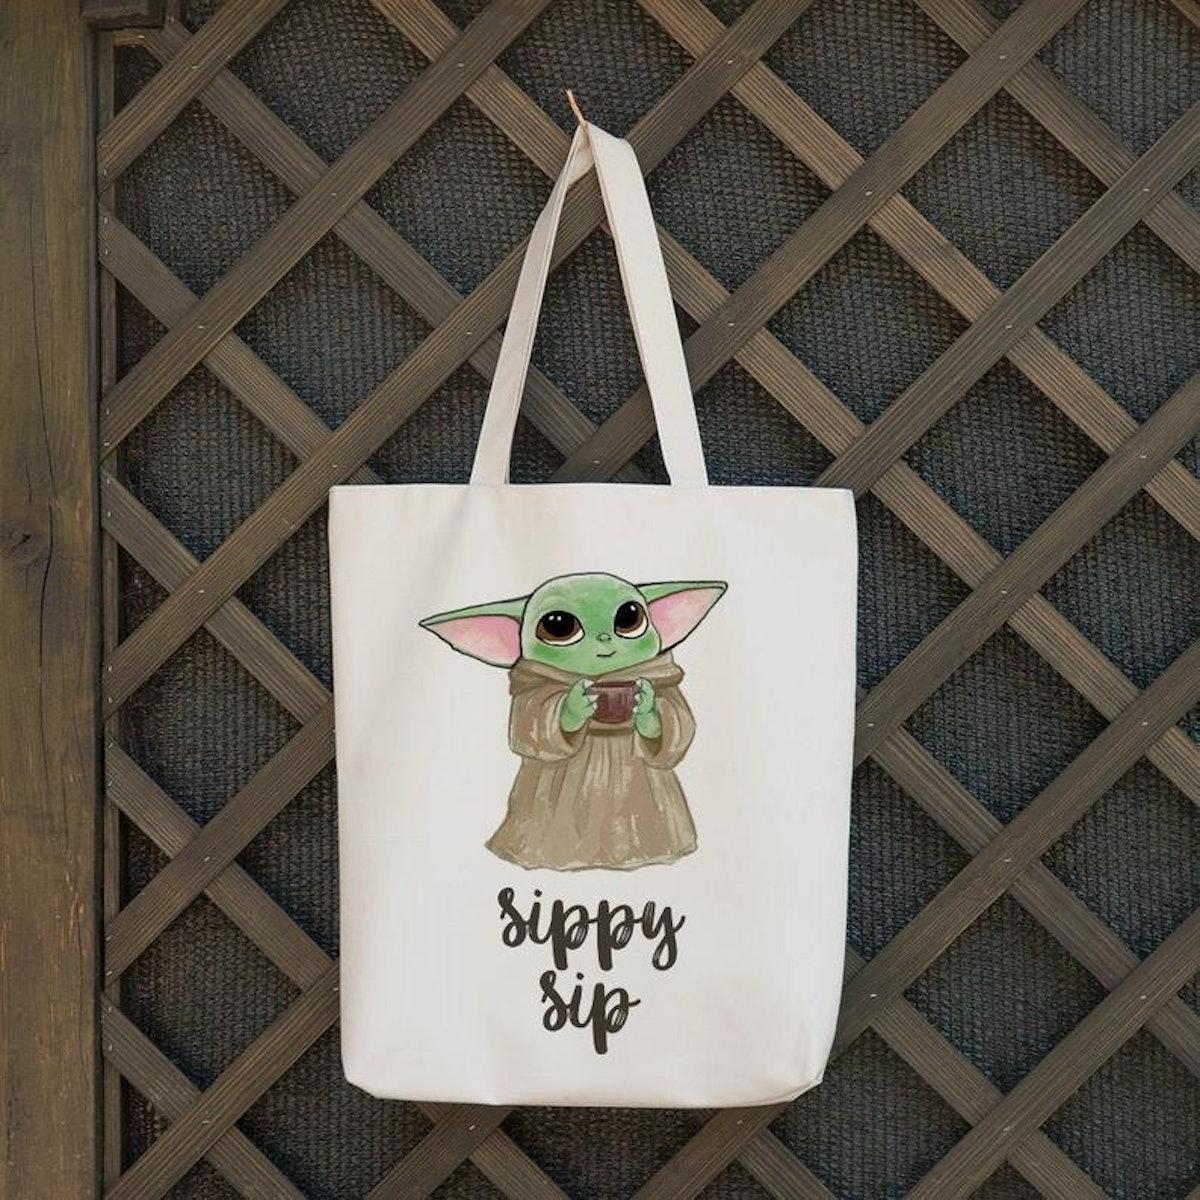 Baby Yoda Tote Bag